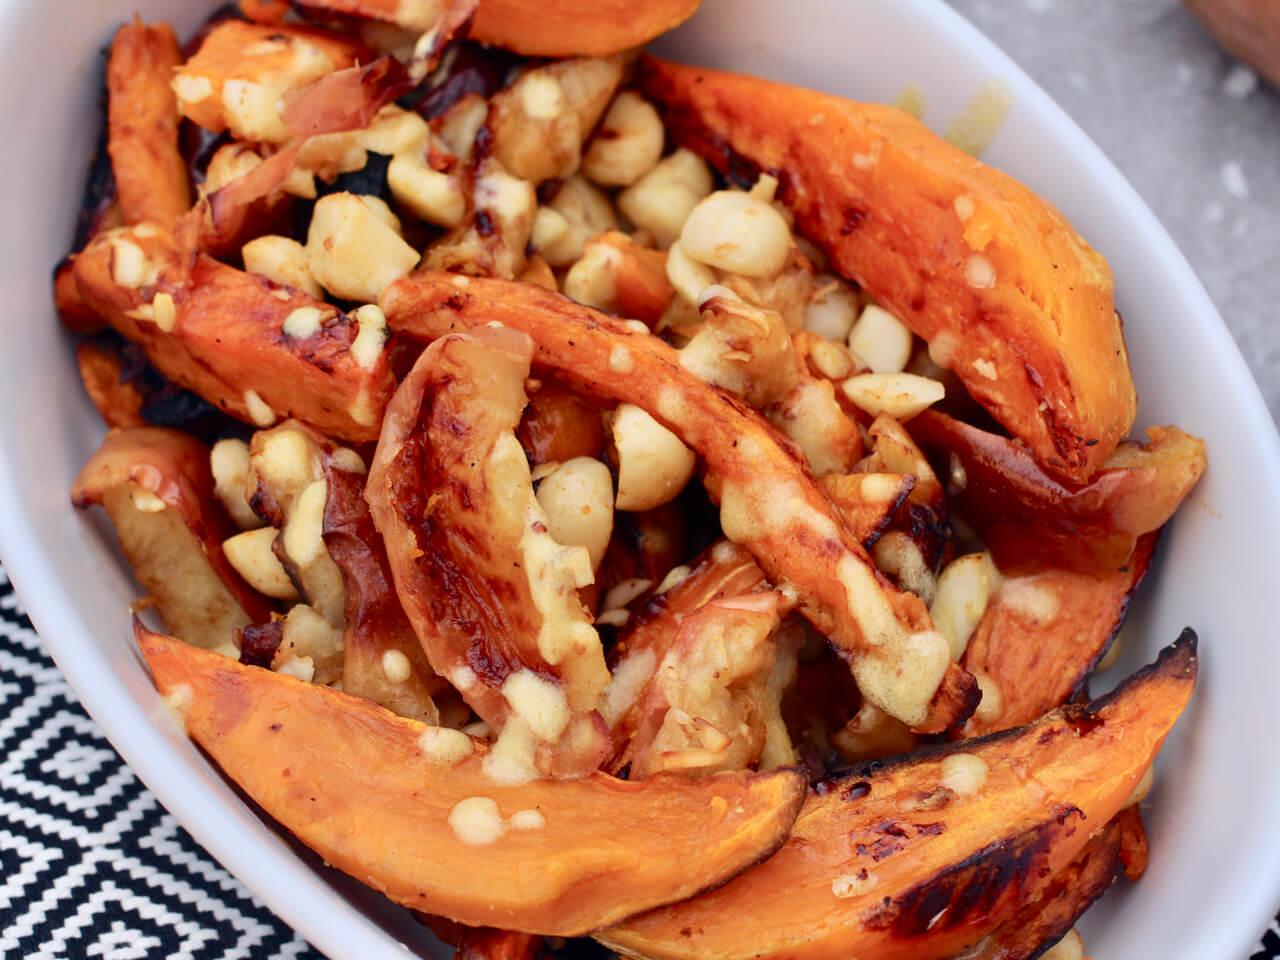 Süßkartoffelsalat mit Äpfeln und Nüssen